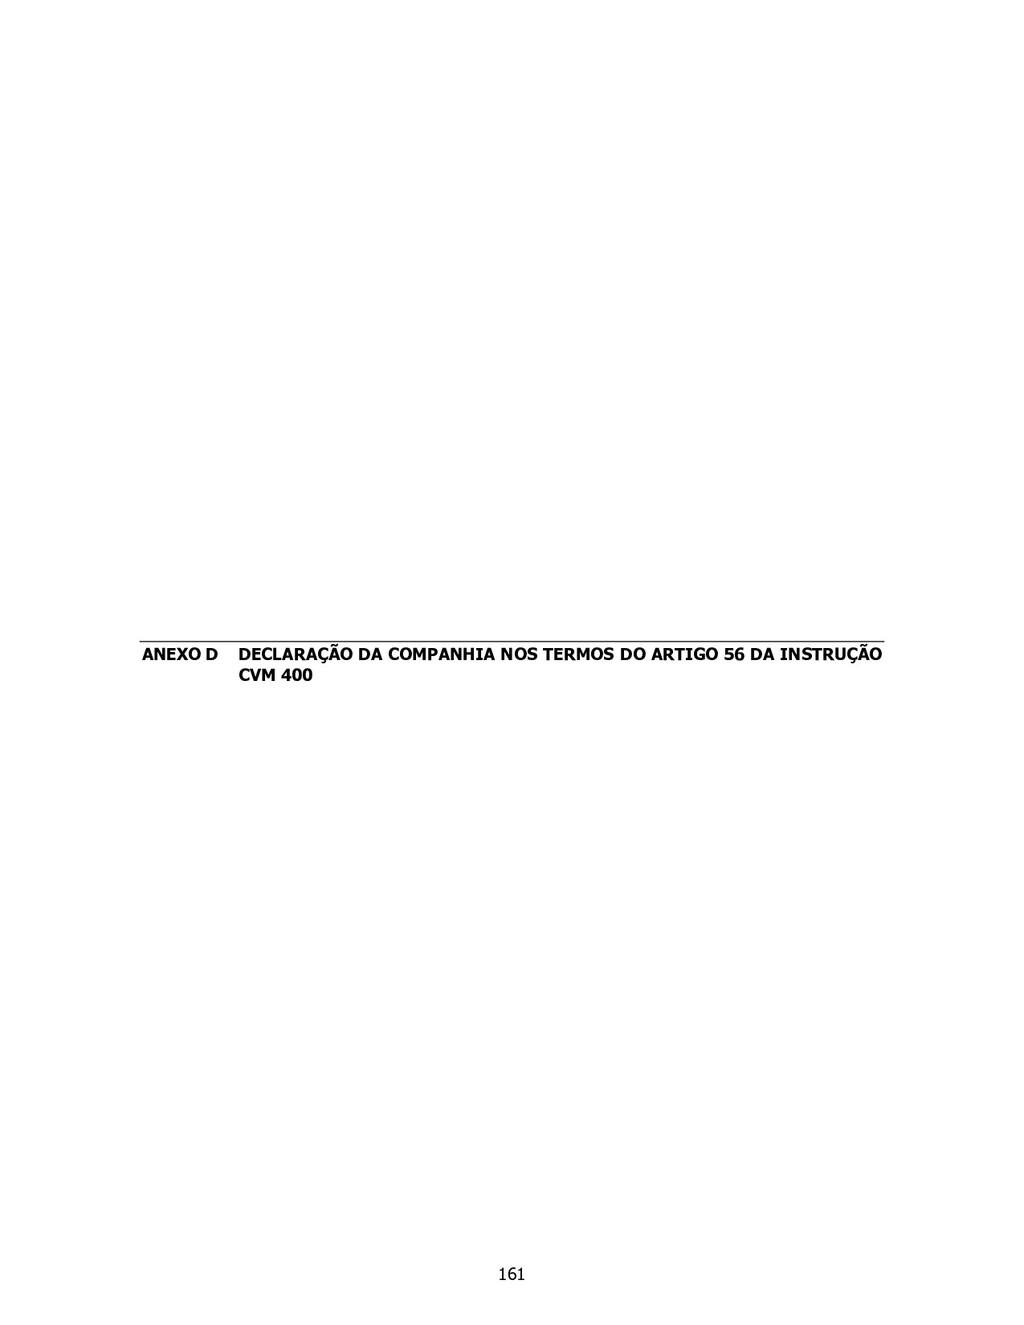 ANEXO D DECLARAÇÃO DA COMPANHIA NOS TERMOS DO A...